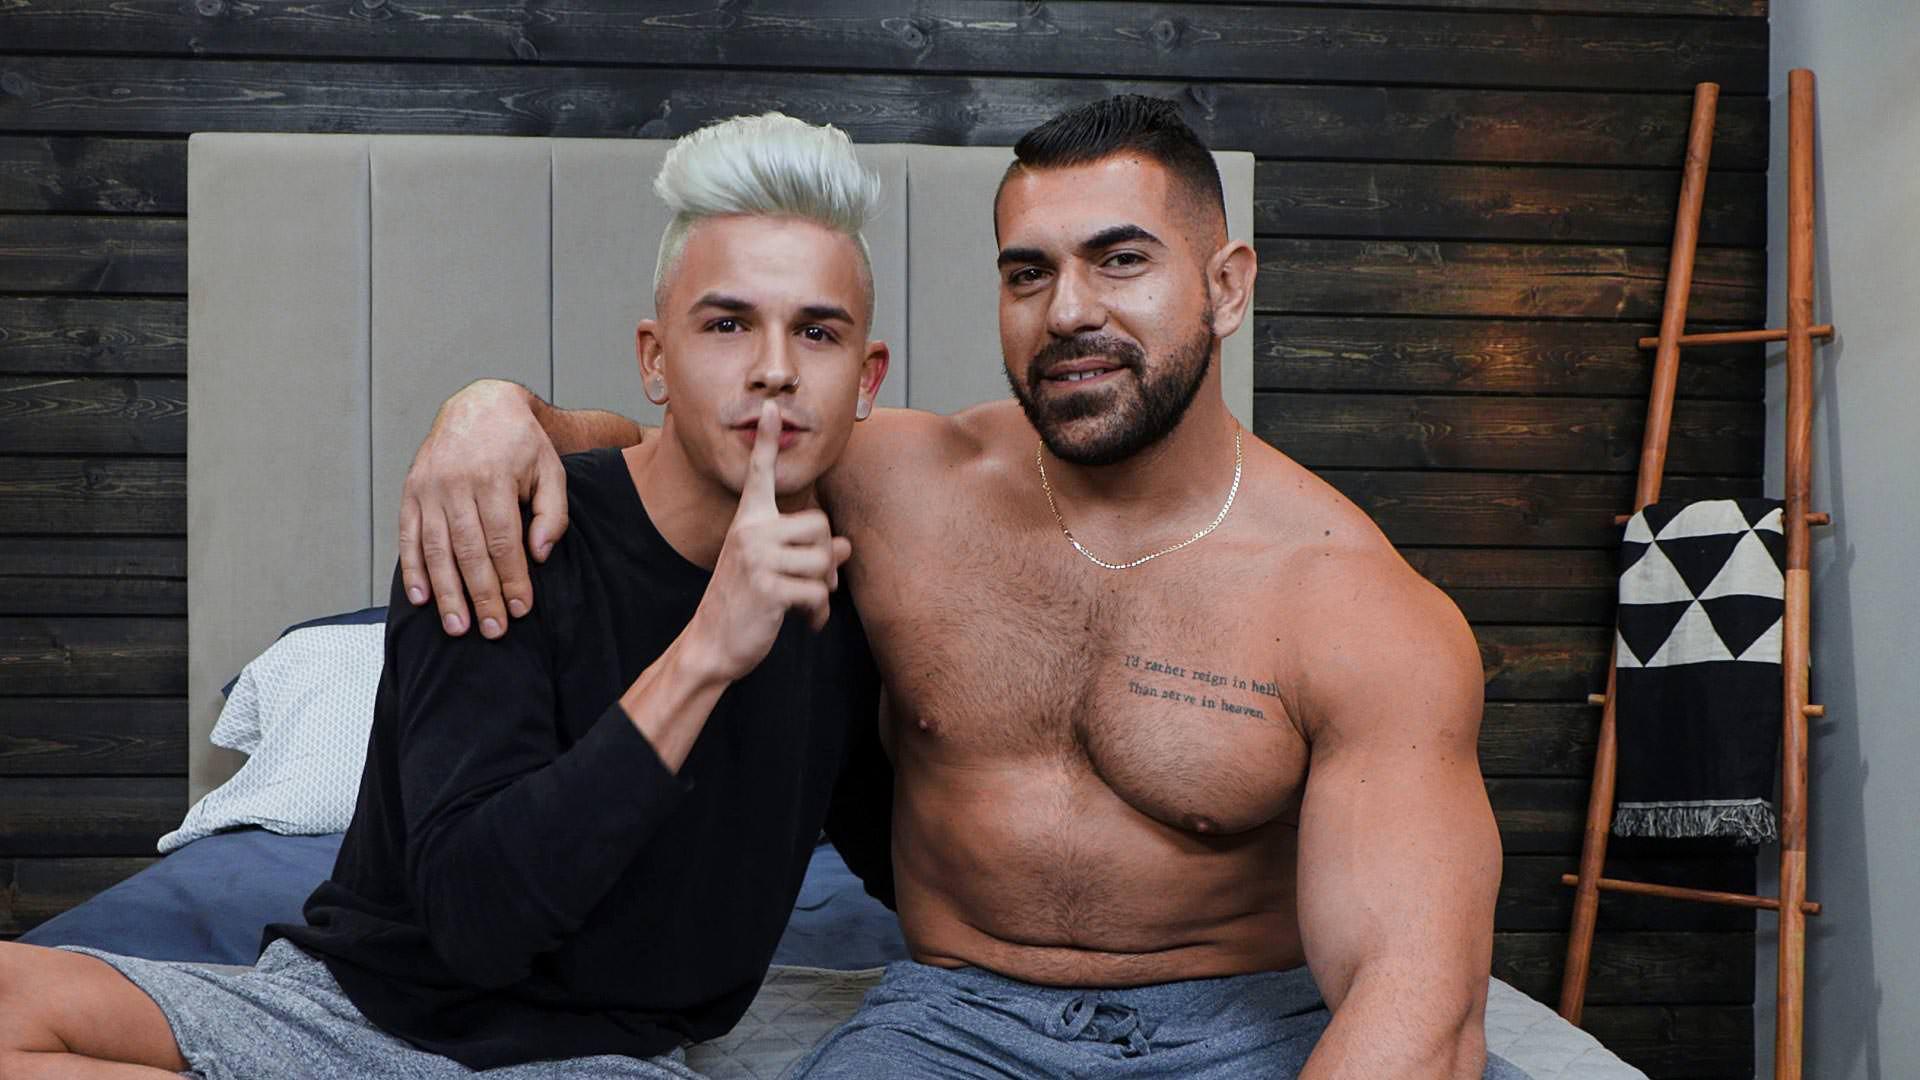 Bodybuilder Beautiful Profiles - Next Door Studios Jake